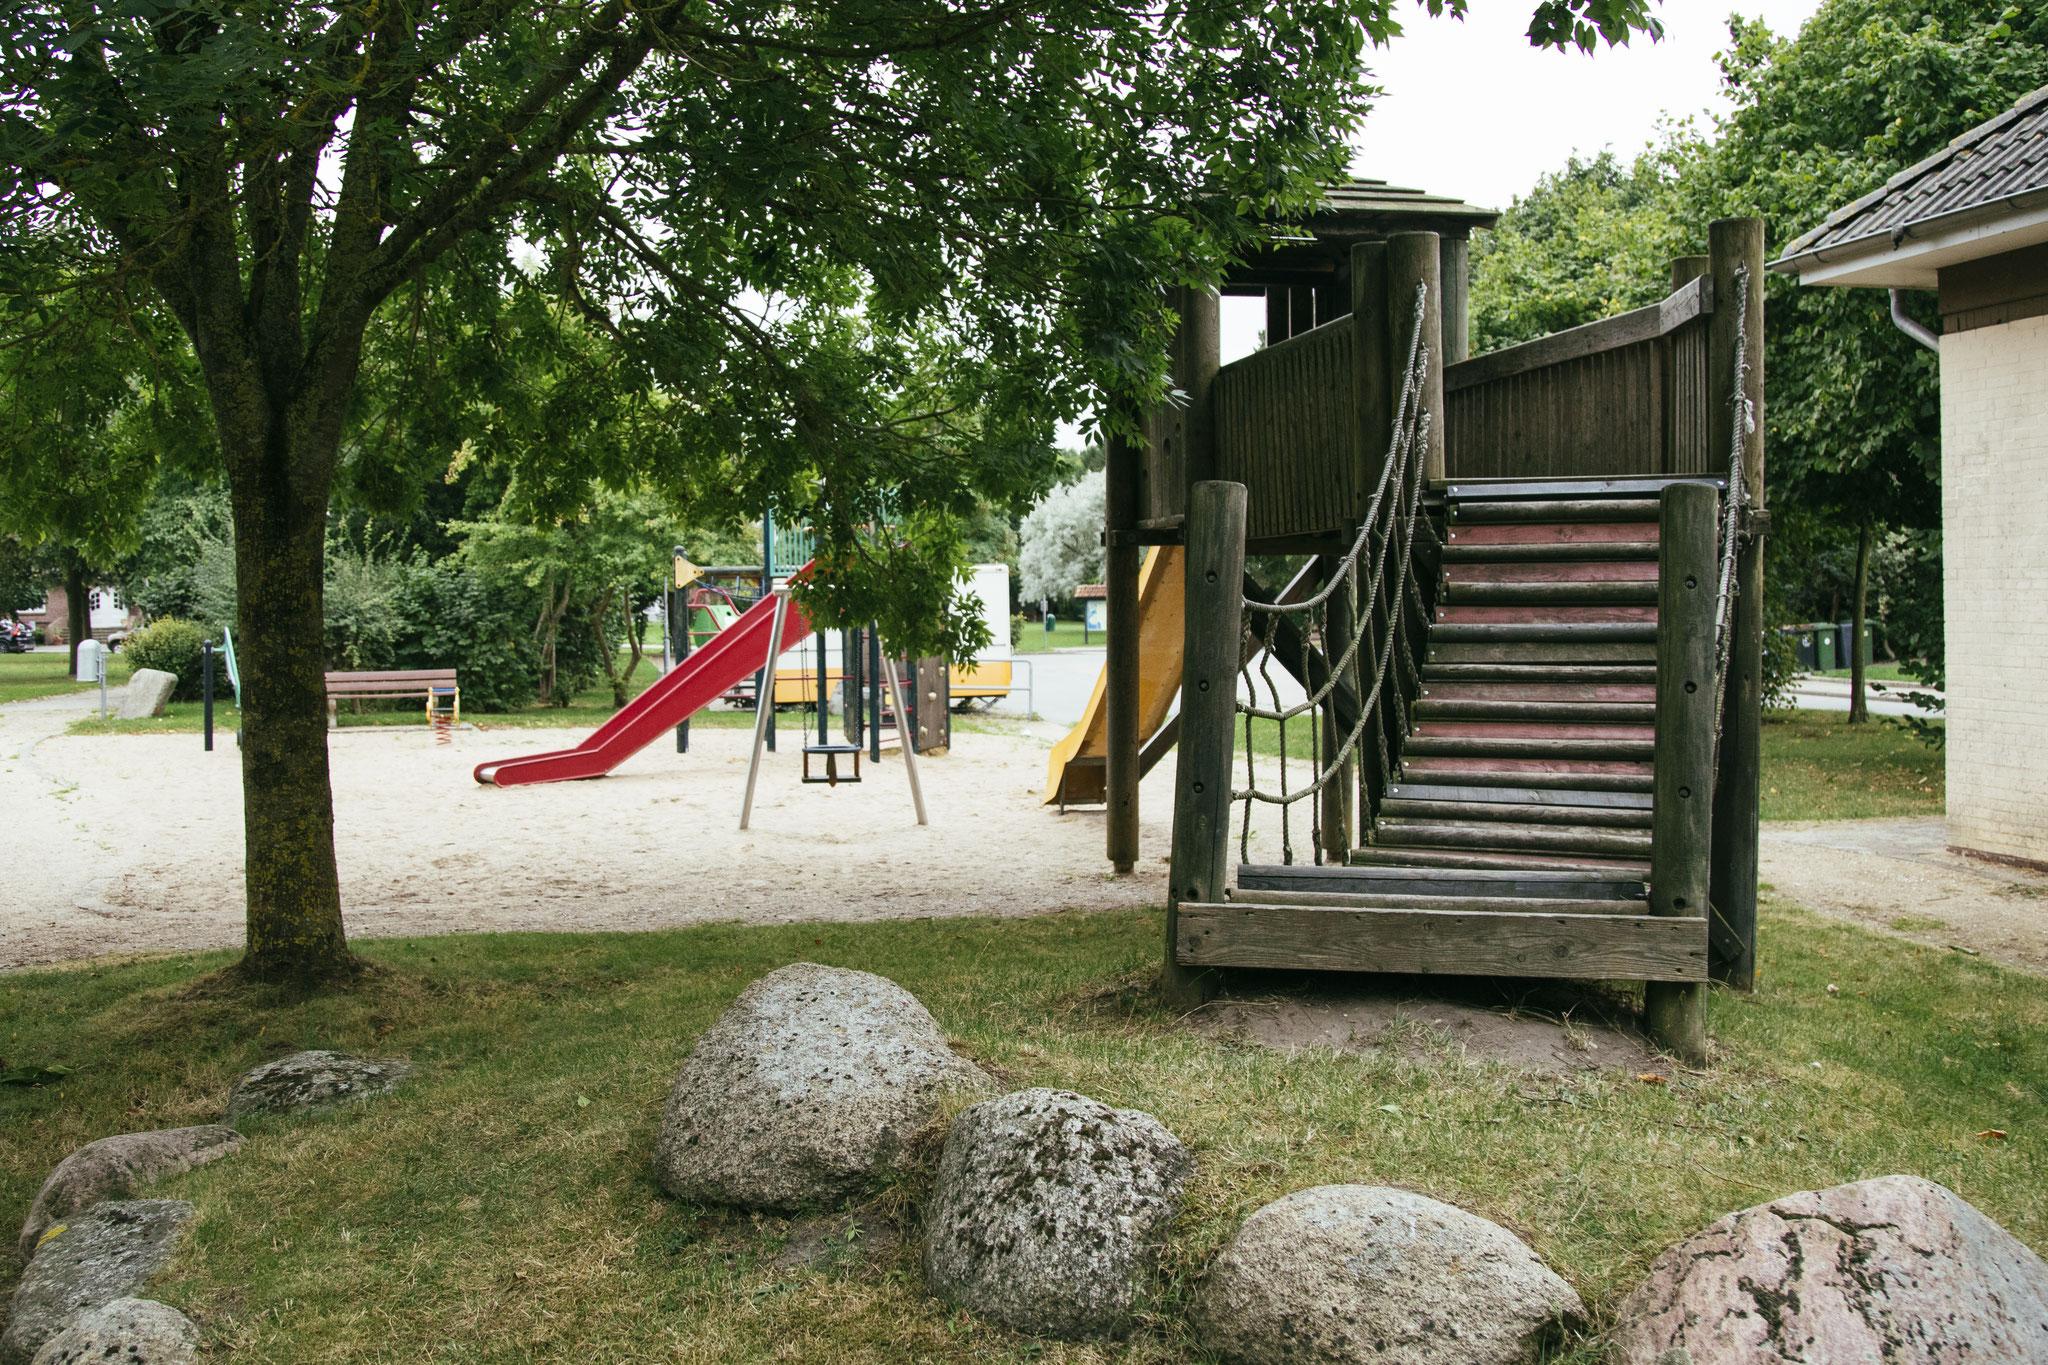 Spielplatz im Park von Maasholm-Bad